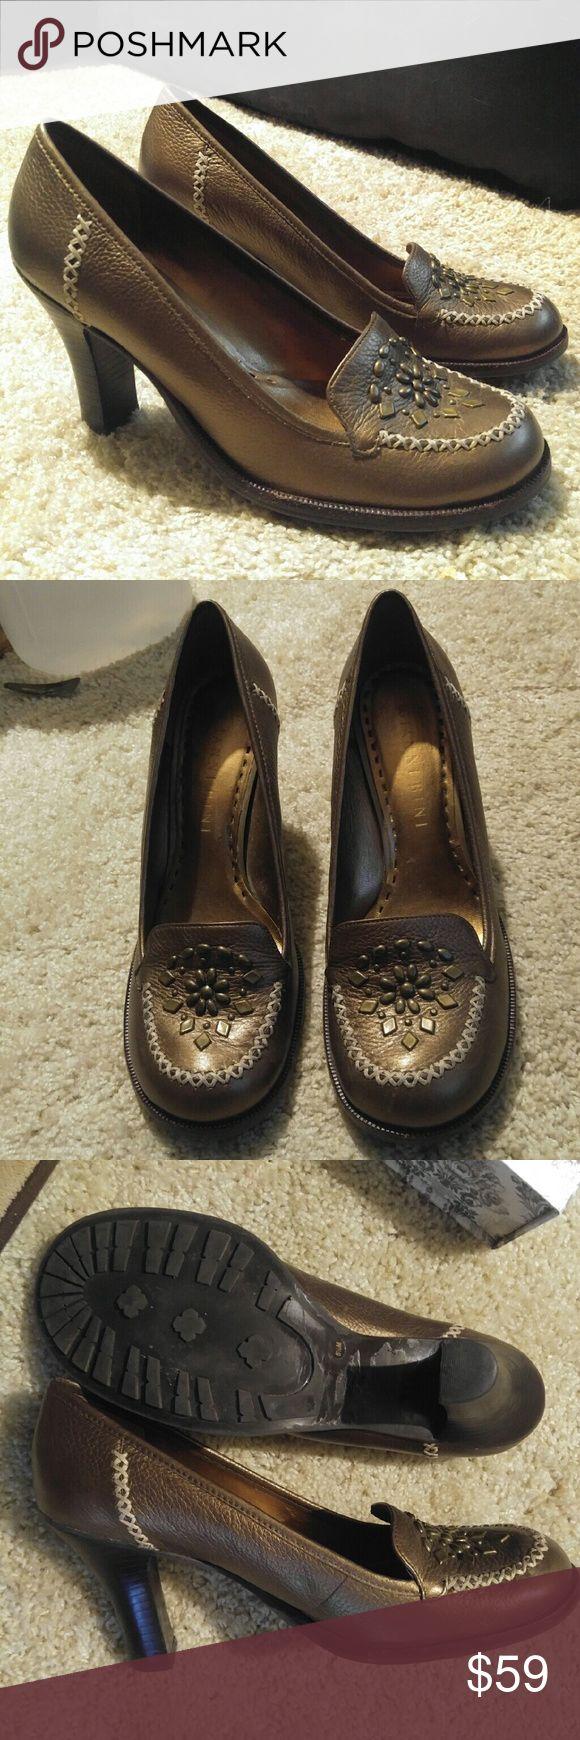 Gianni Bini heels Gianni Bini heels 8.5 Very good condition. Gianni Bini Shoes Heels